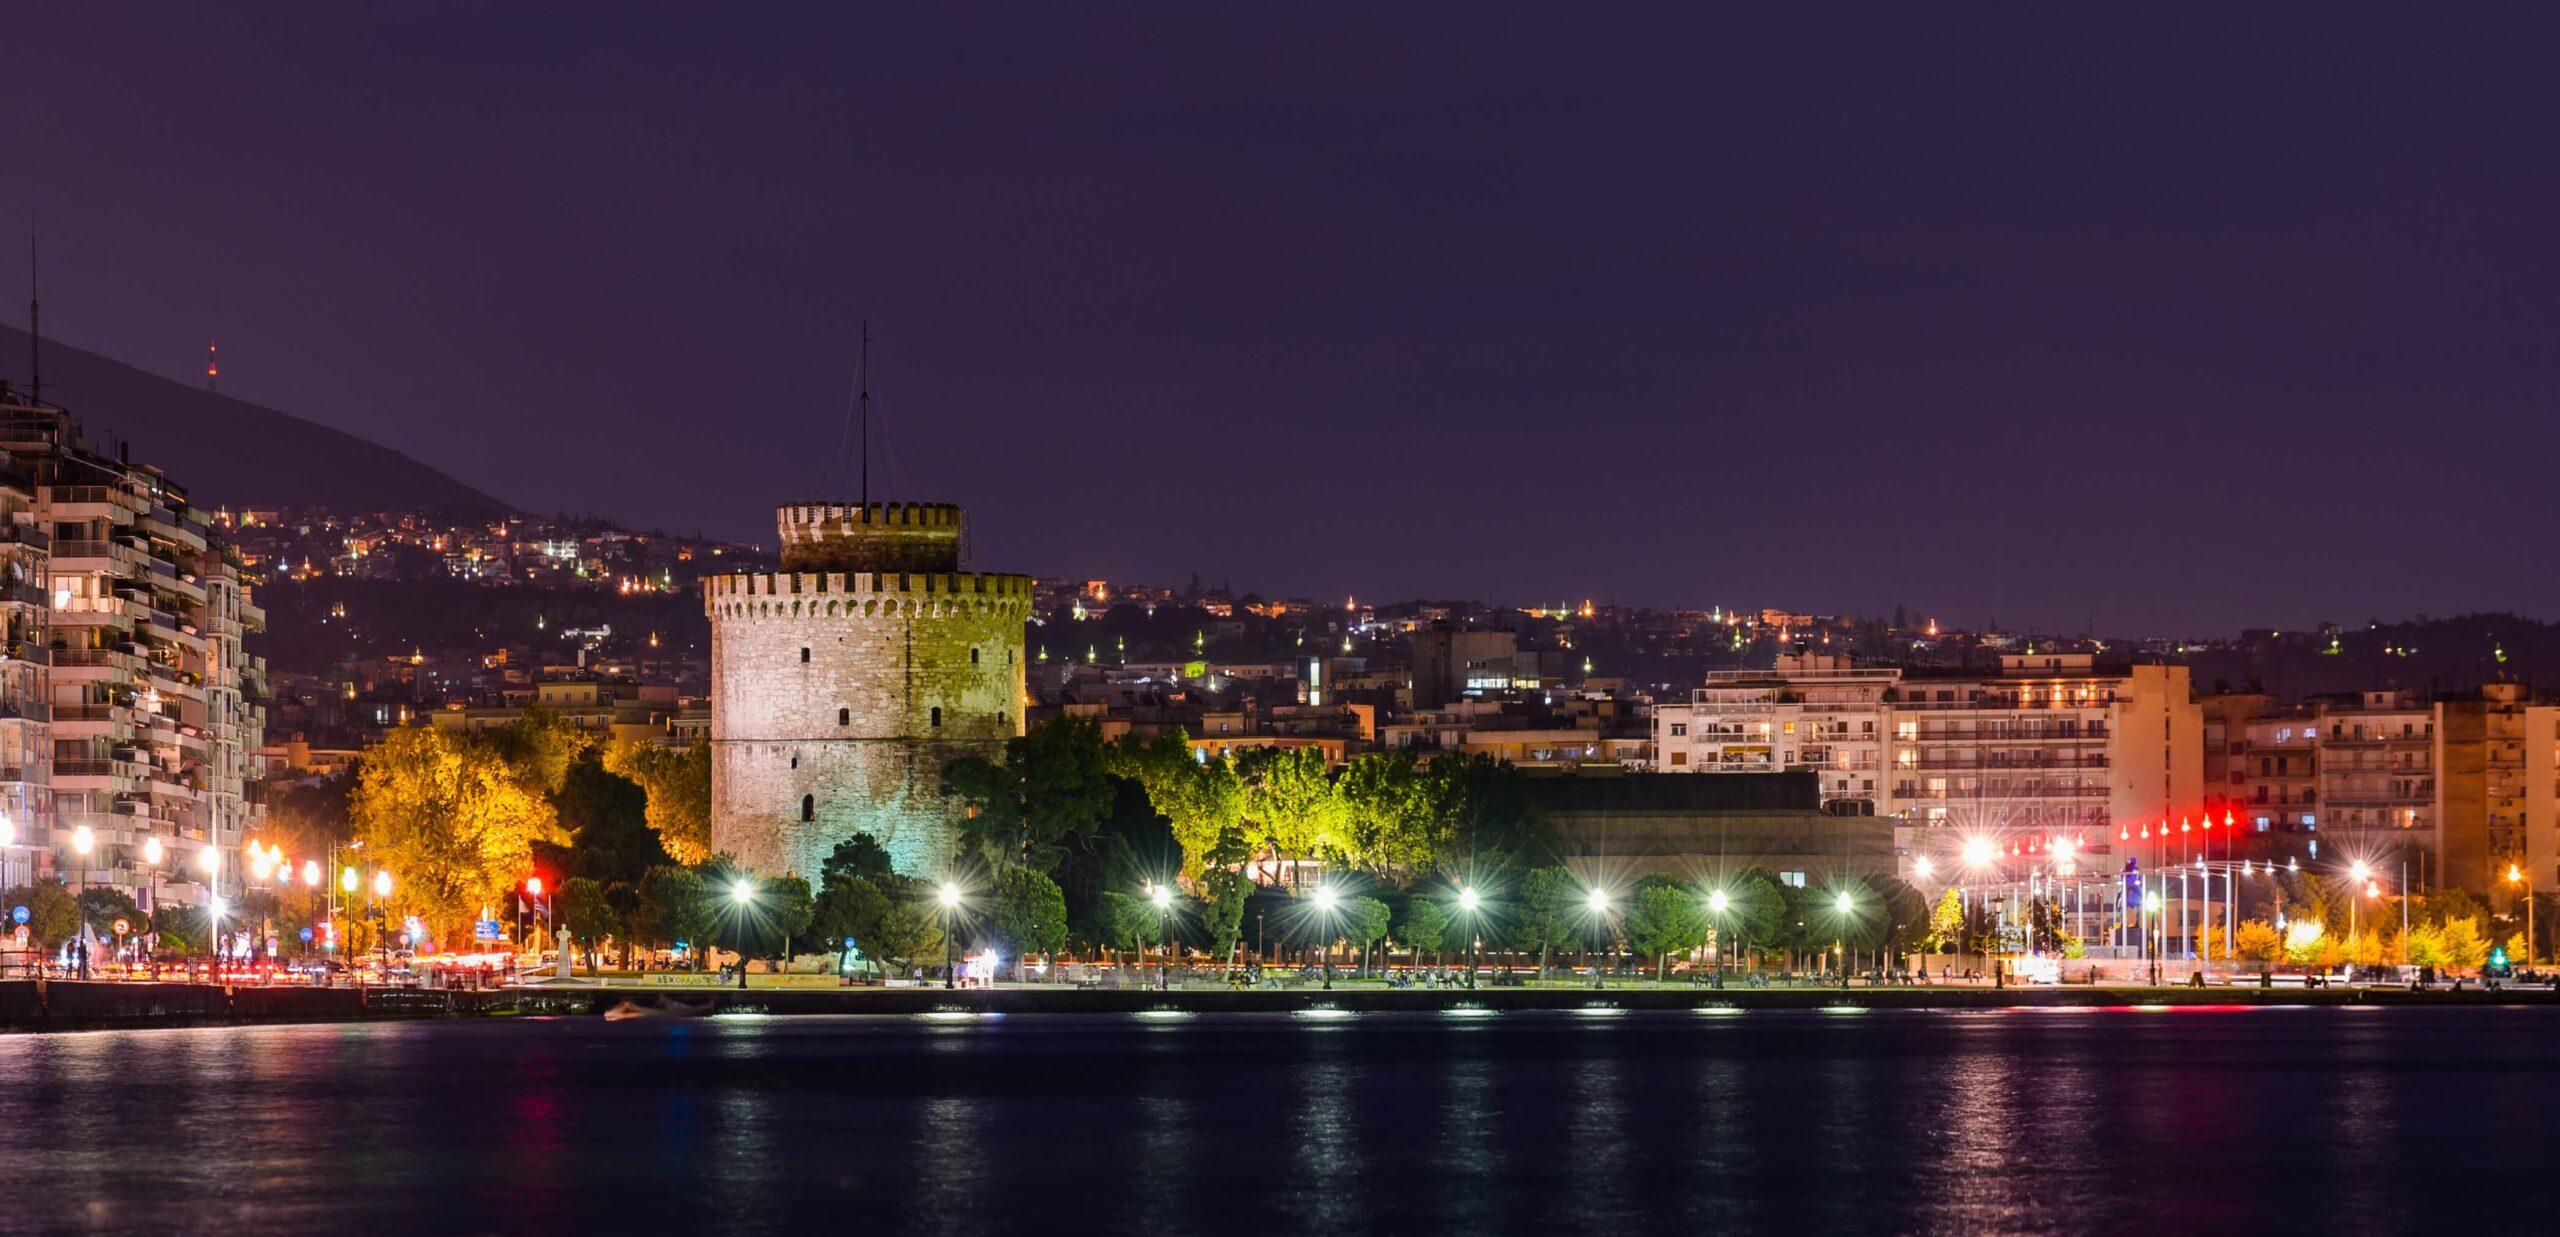 φοιτητικά στέκια στη θεσσαλονίκη